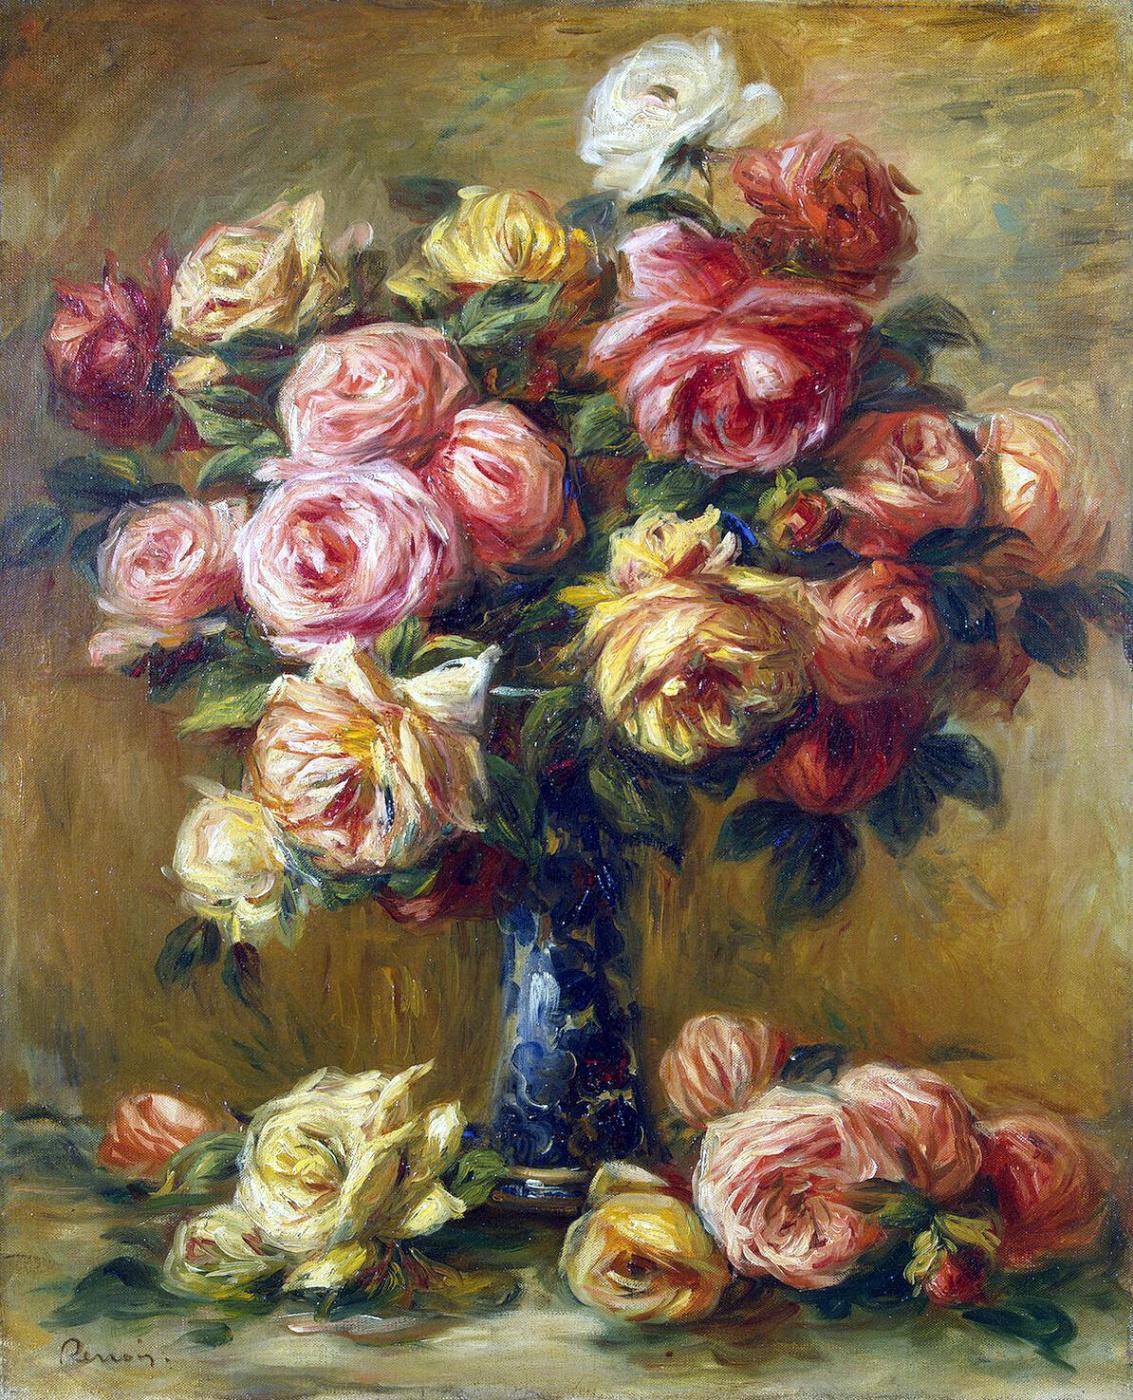 Pierre-Auguste Renoir. Roses in a vase